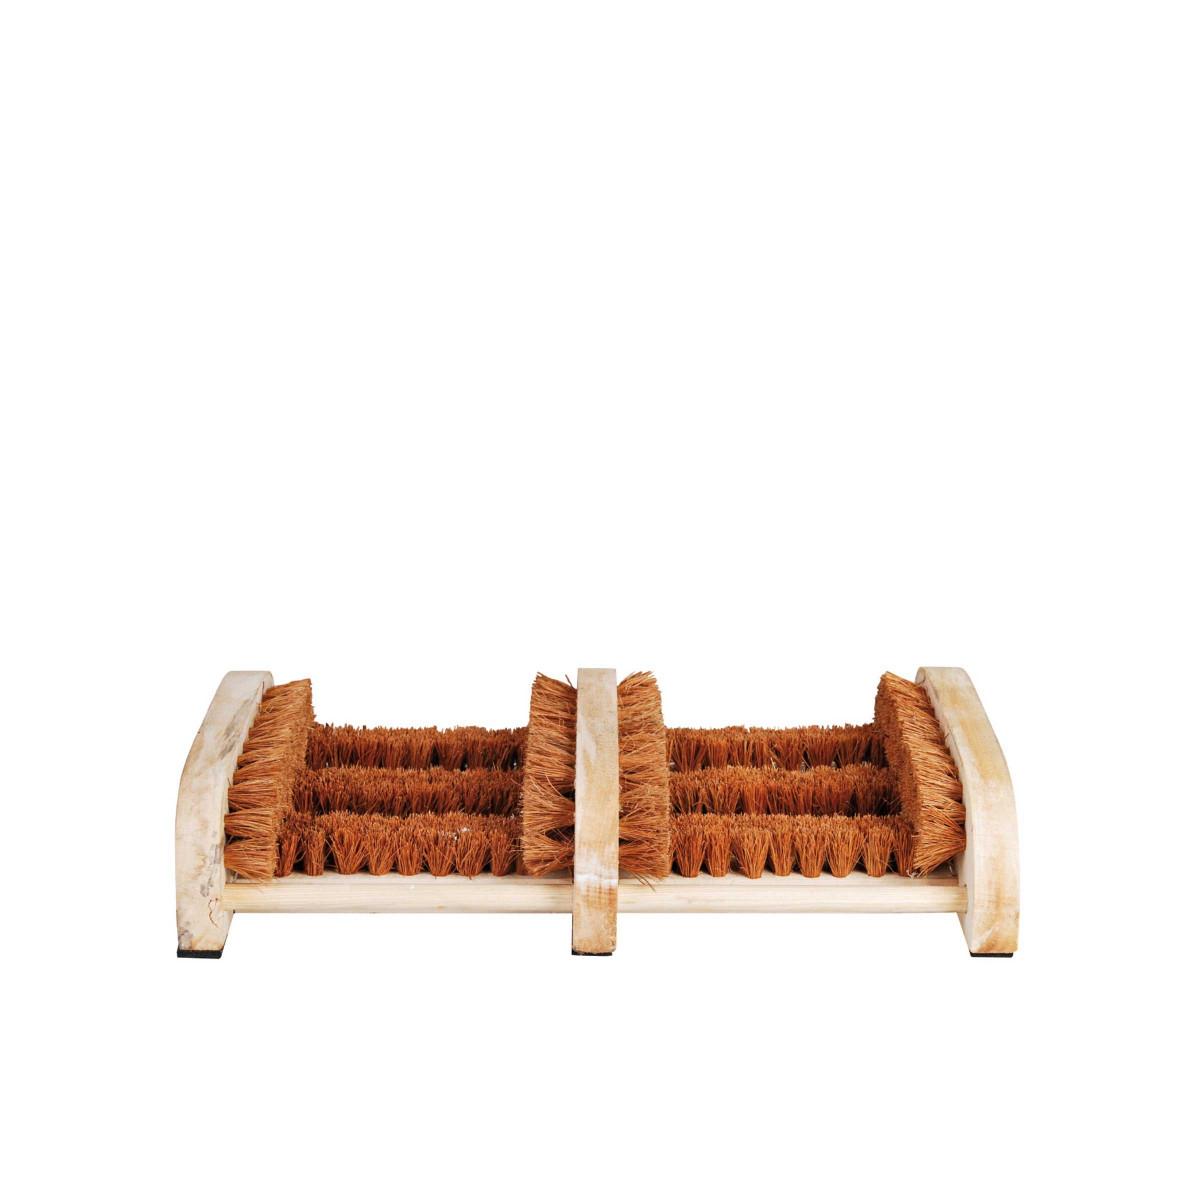 brosse paillasson bois et coco. Black Bedroom Furniture Sets. Home Design Ideas